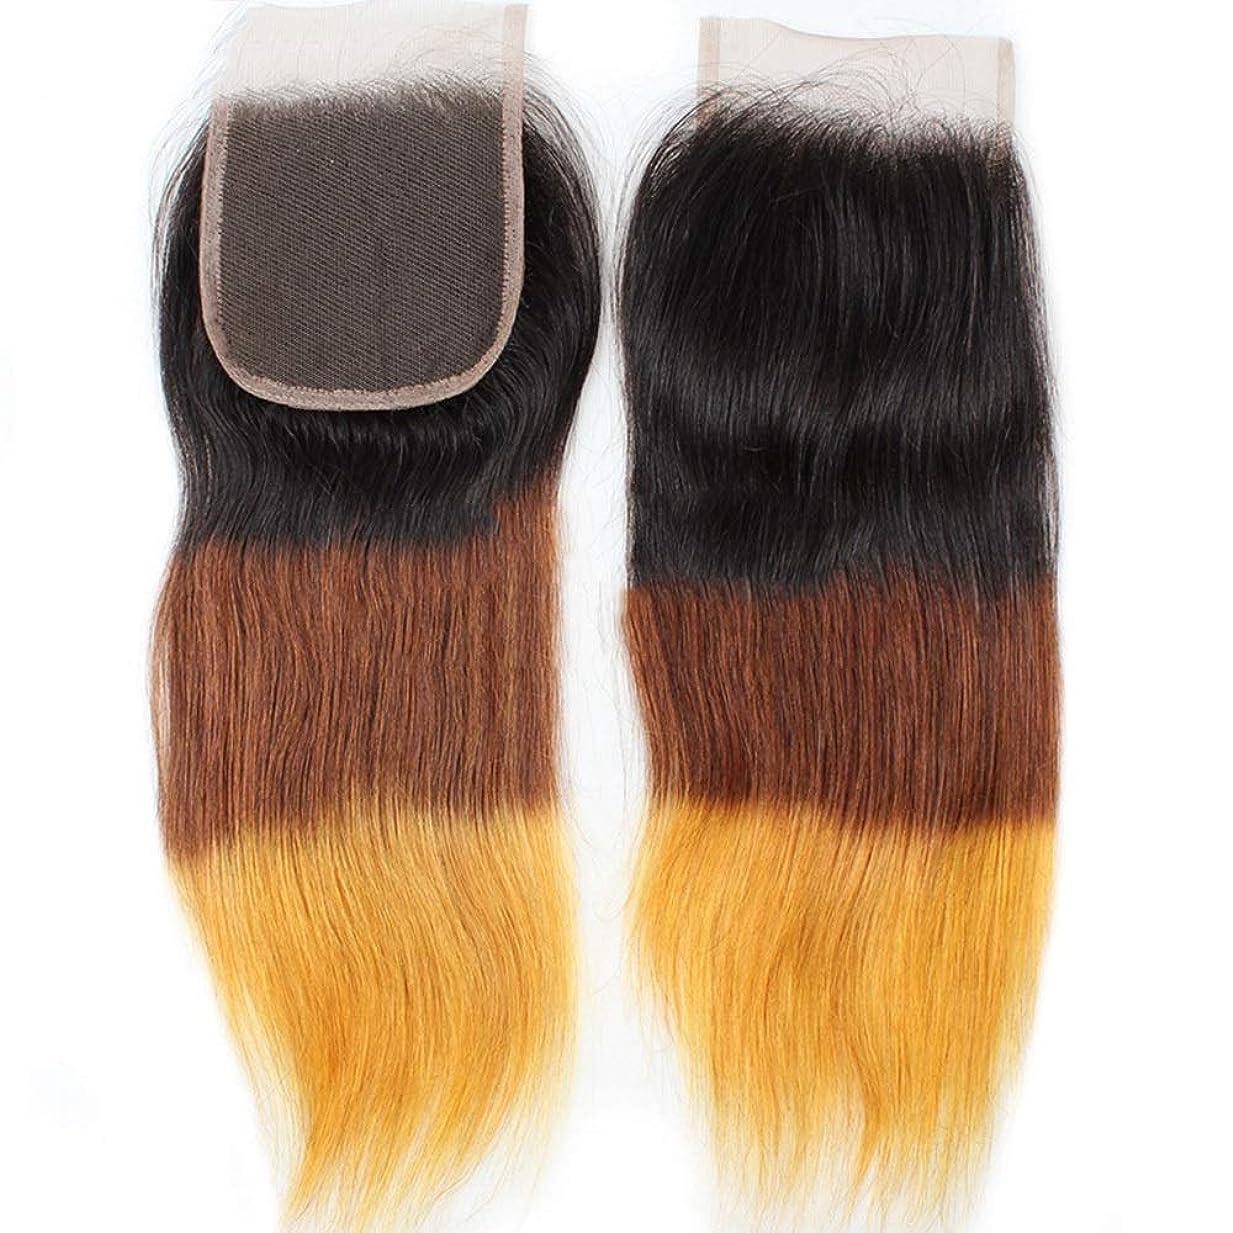 疼痛囲いグレードYrattary 4×4レース前頭閉鎖無料部分耳から耳9Aブラジルストレートヘアグラデーションカラー人間の髪の毛の合成髪レースかつらロールプレイングウィッグロングとショートの女性自然 (色 : ブラウン, サイズ : 18 inch)